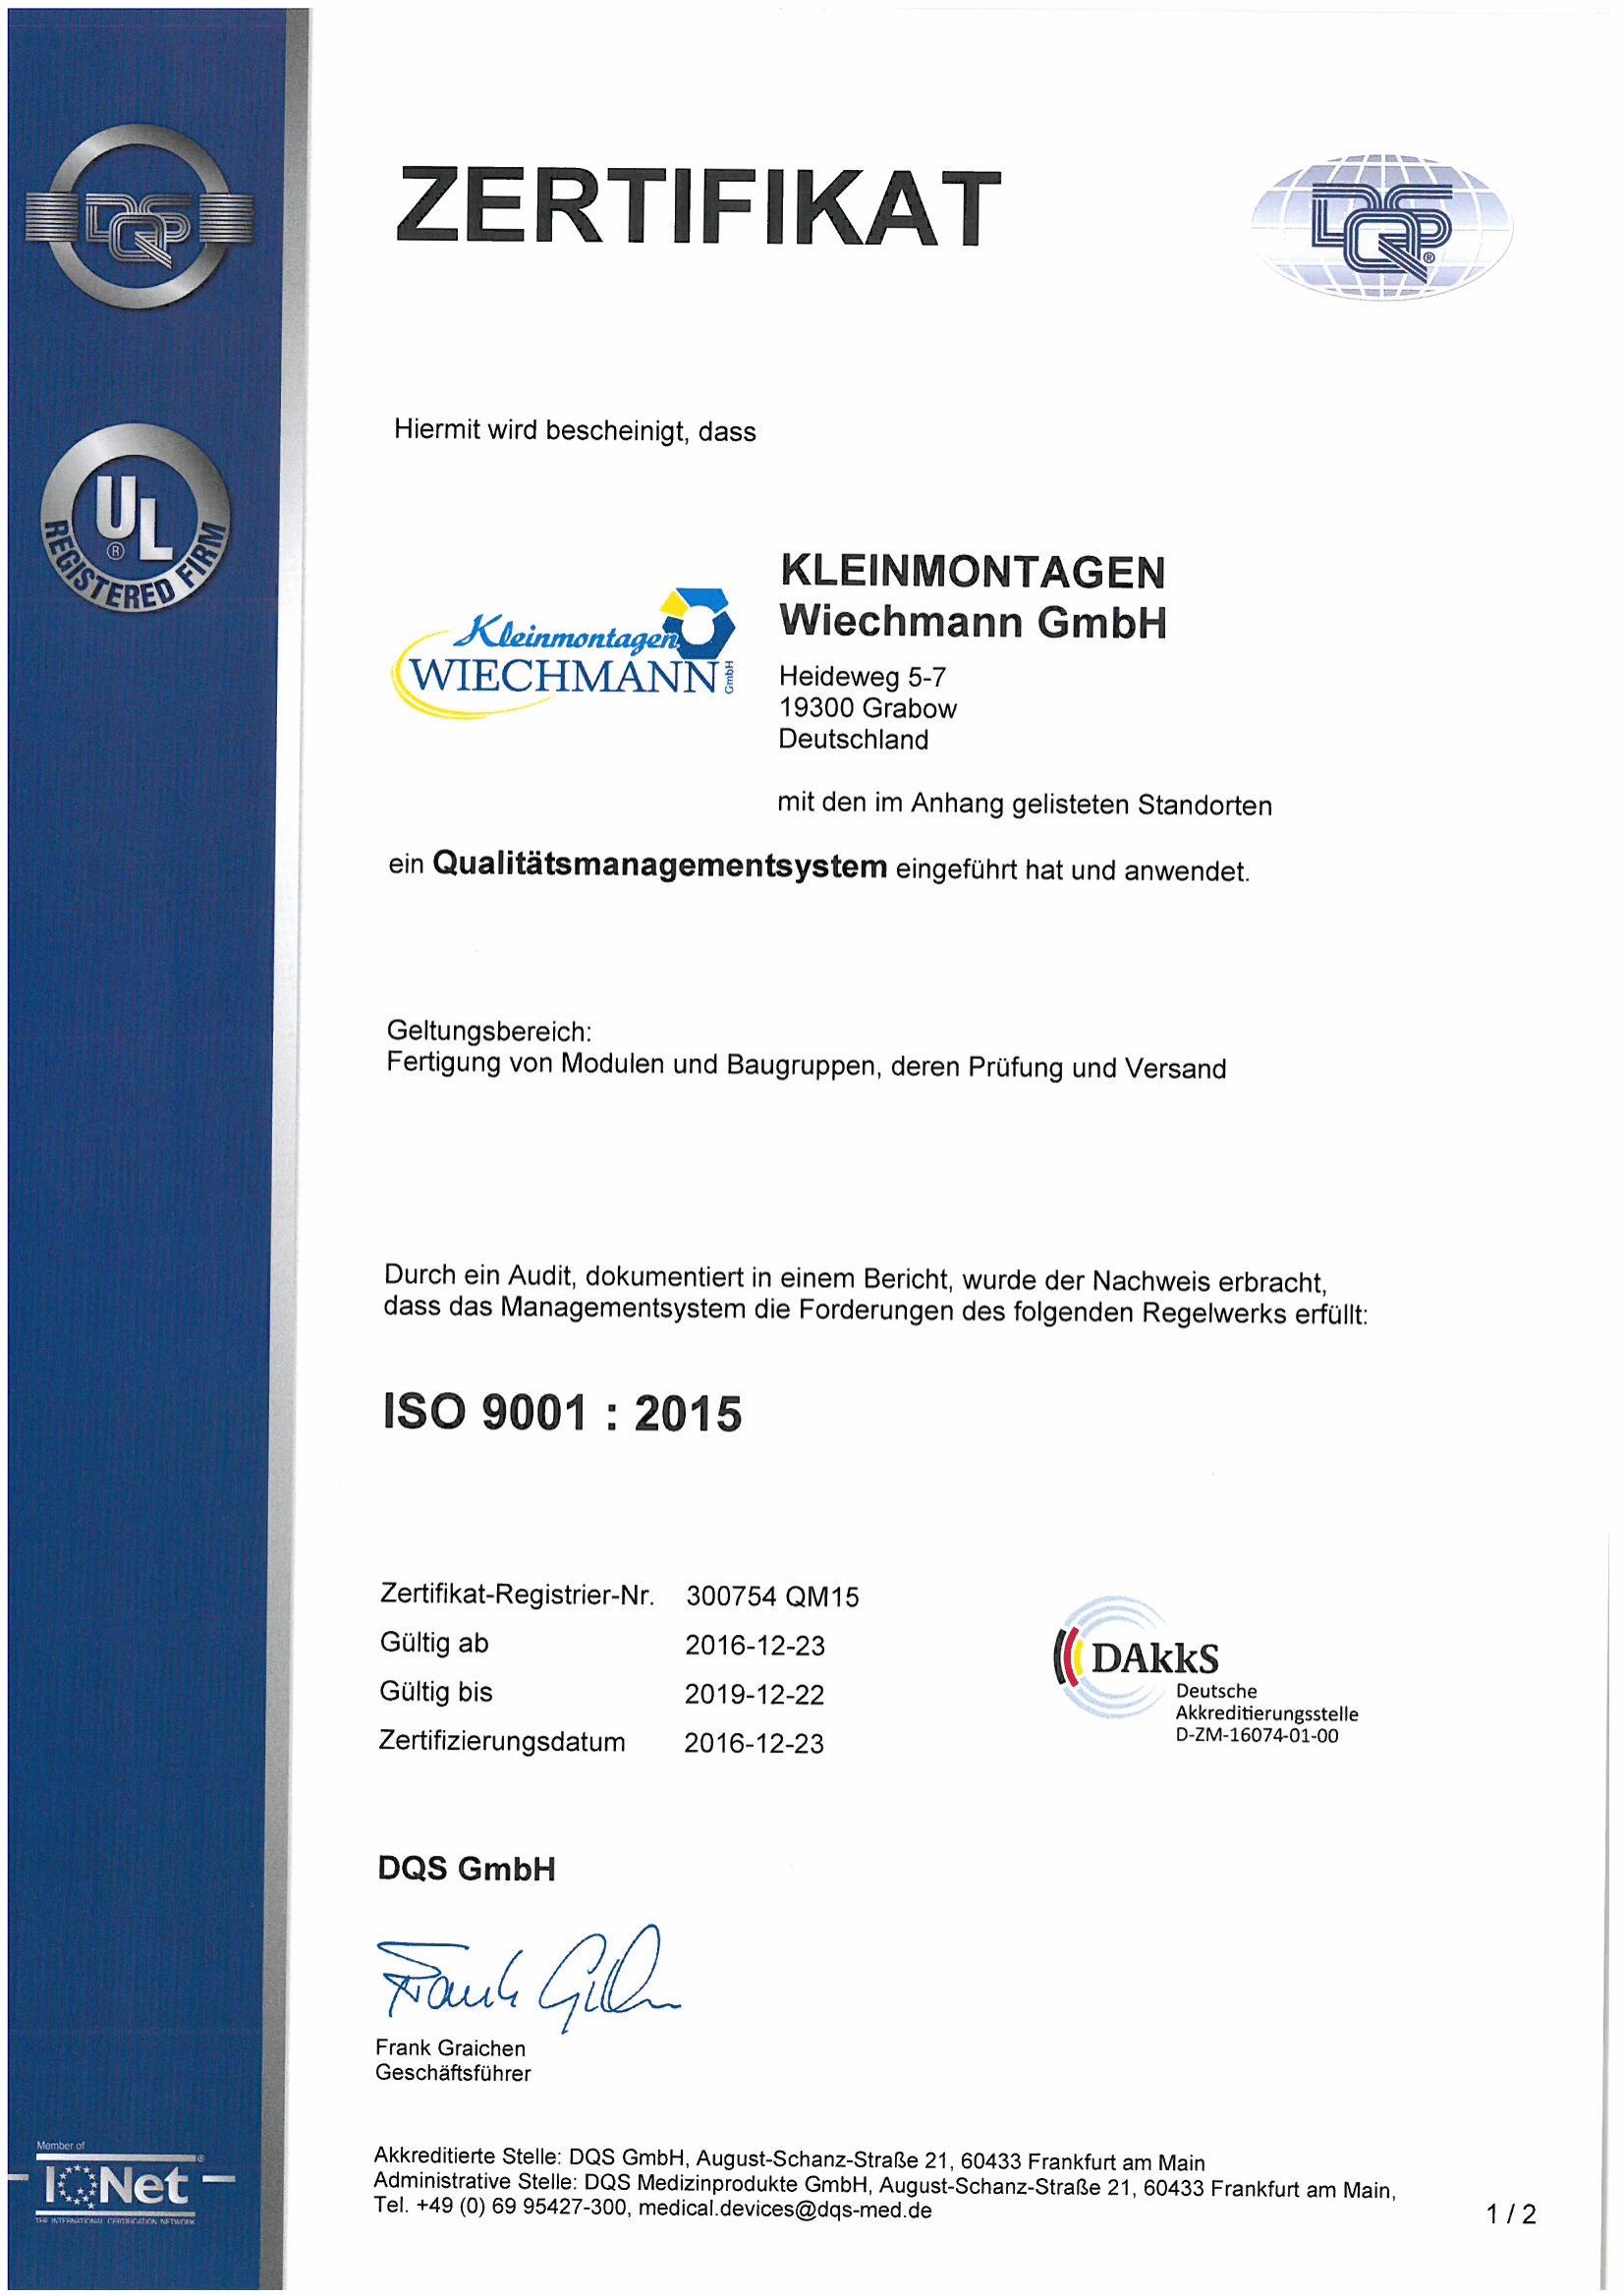 Zertifikat ISO 9001 : 2015 - Kleinmontagen Wiechmann GmbH